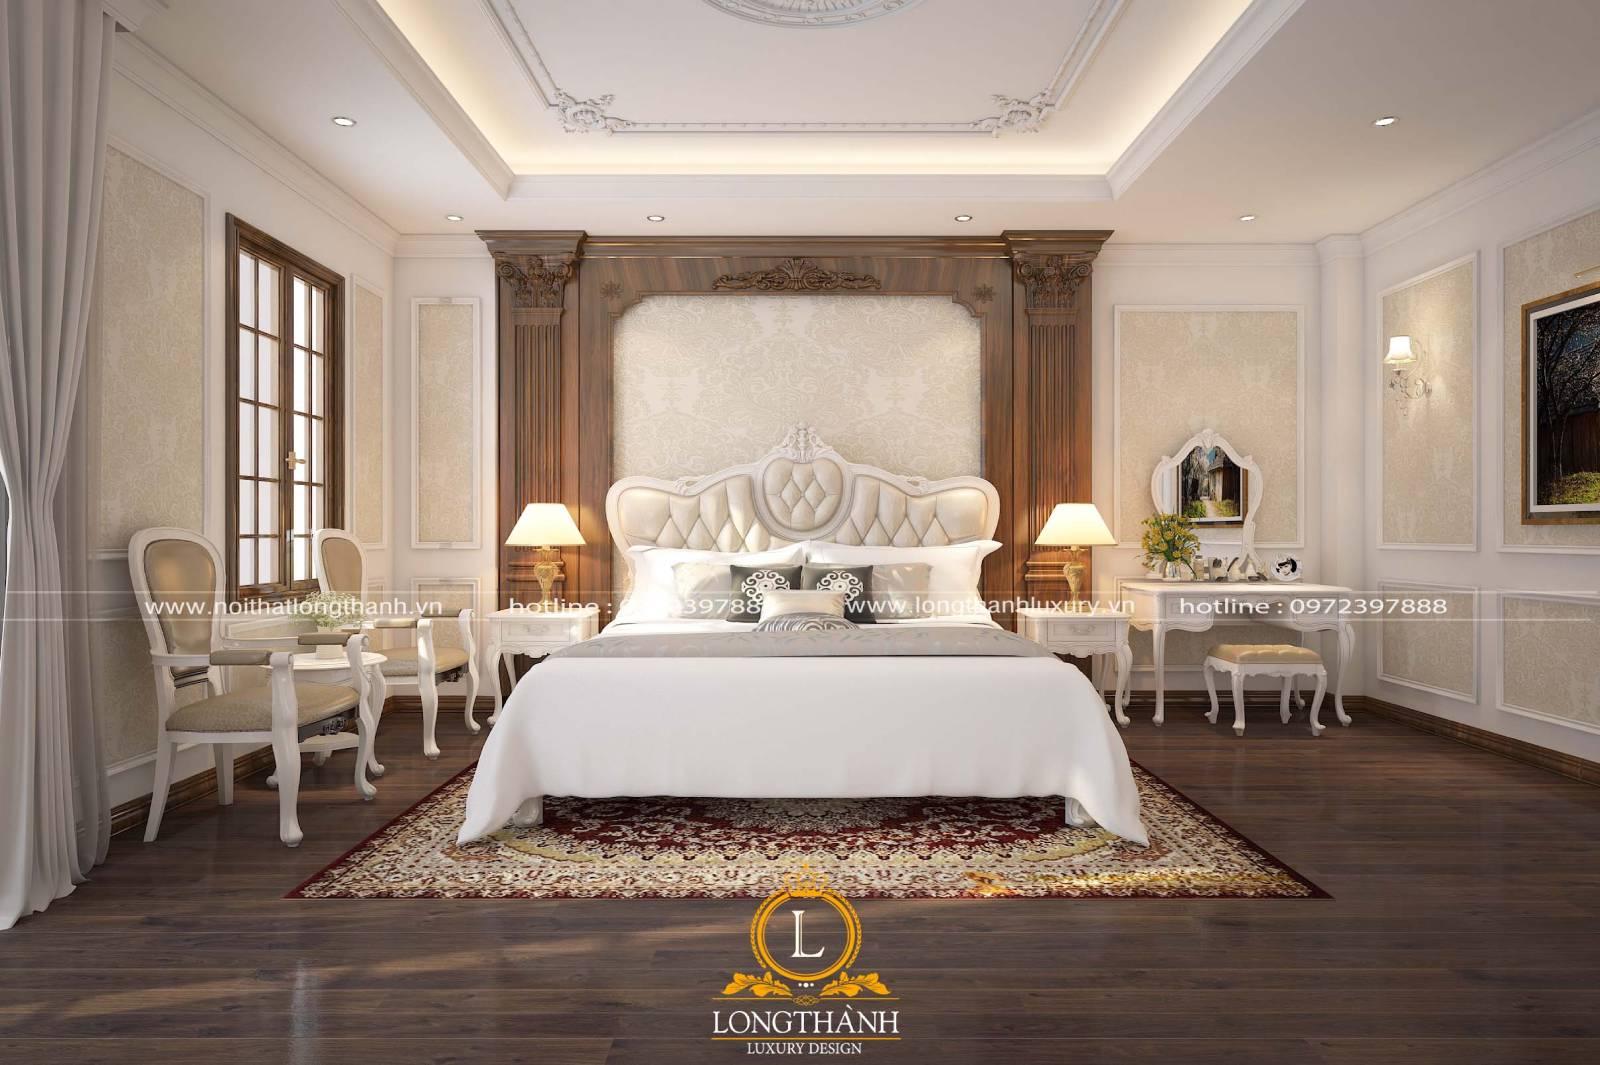 Phòng ngủ master tân cổ điển vừa sang trọng tiện nghi vừa hiện đại